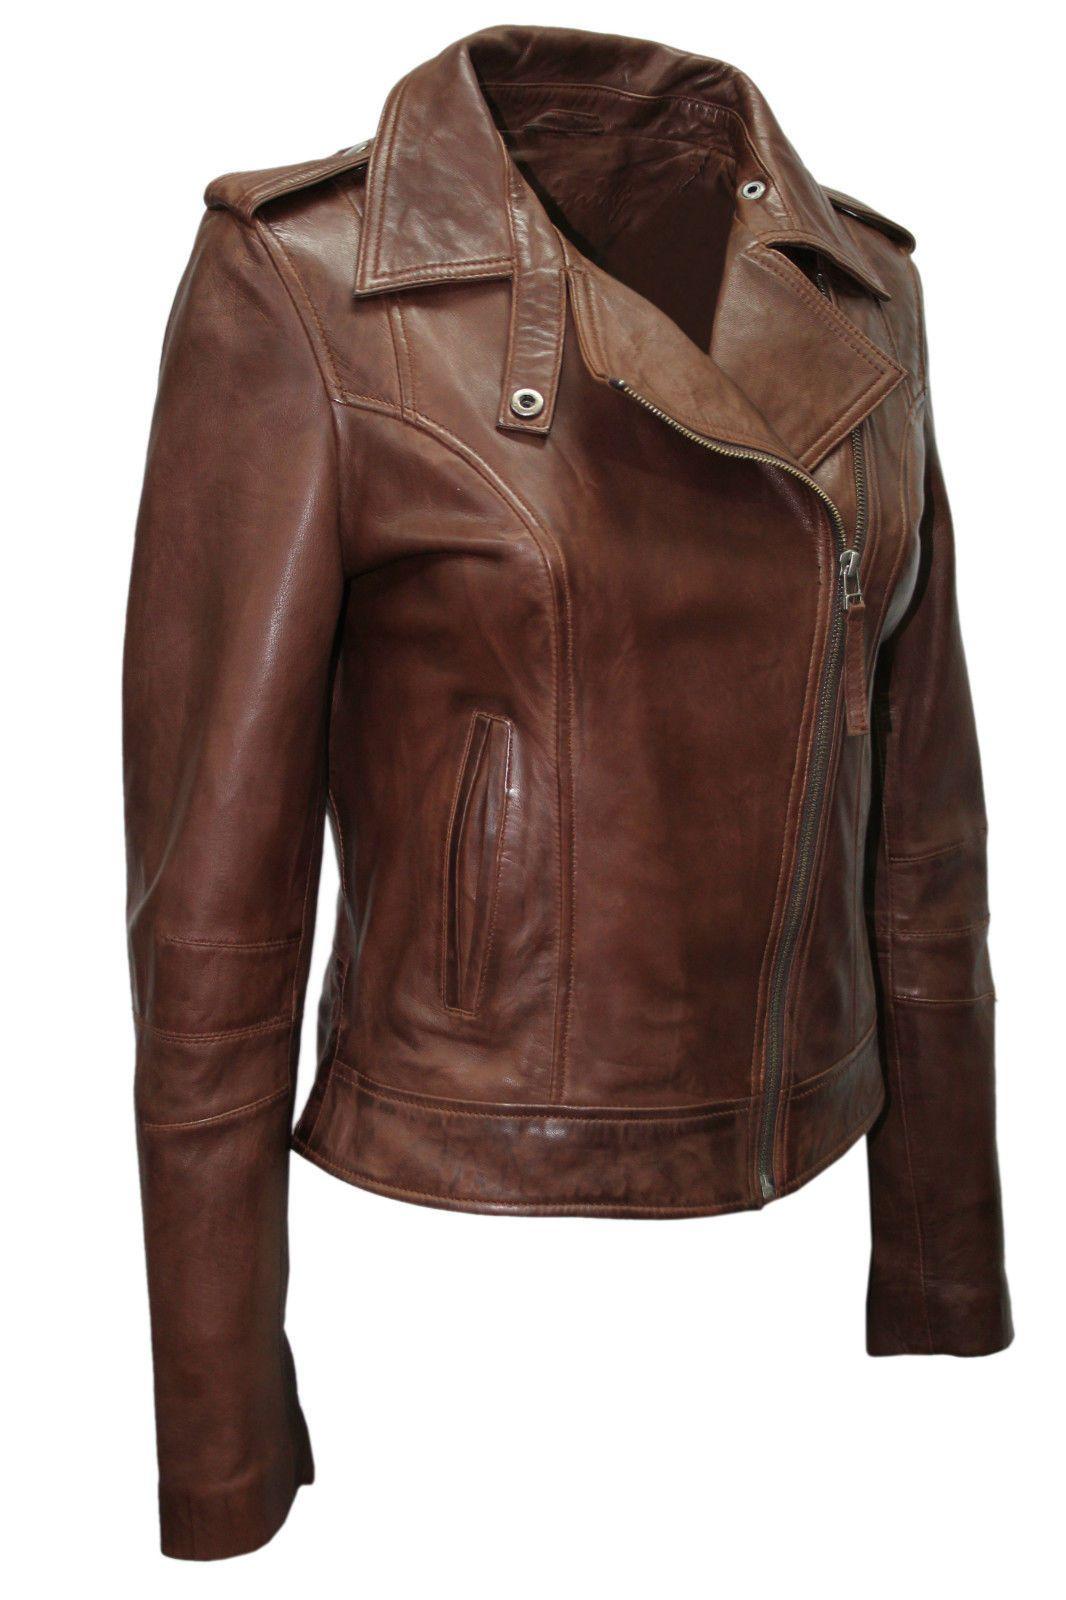 Details about Ladies Women's BRANDO Brown Fashion Biker